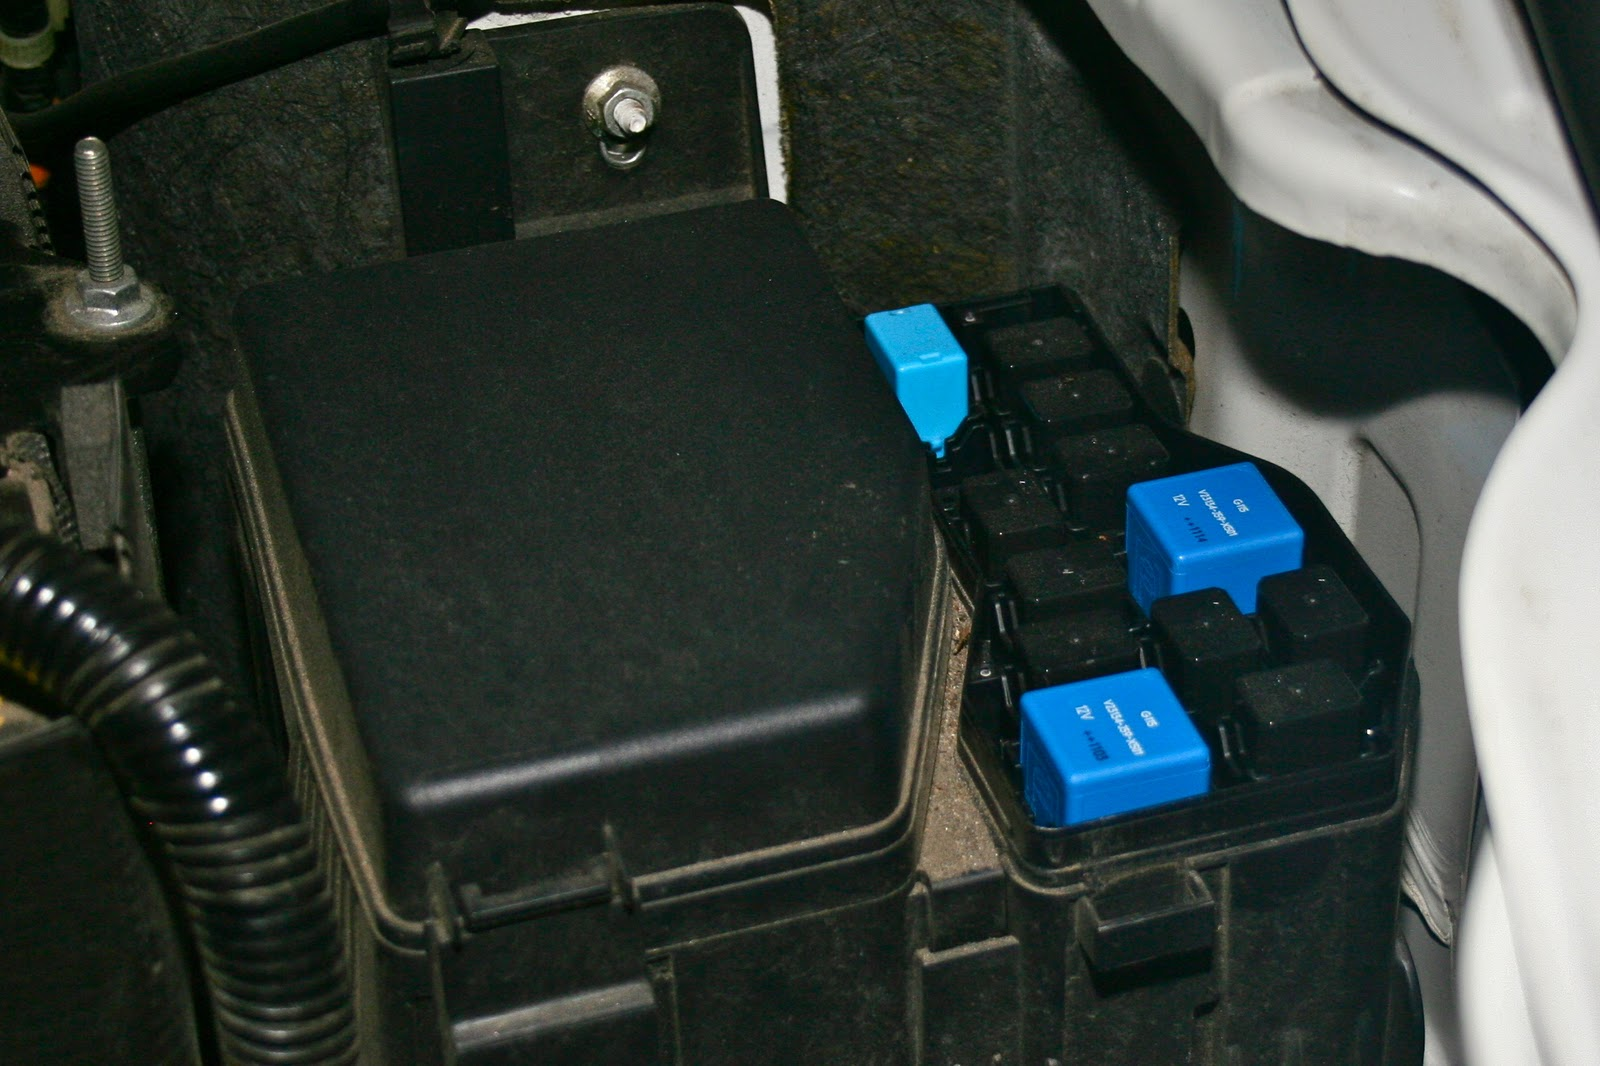 2007 mazda cx 9 fuse box location [ 1600 x 1066 Pixel ]